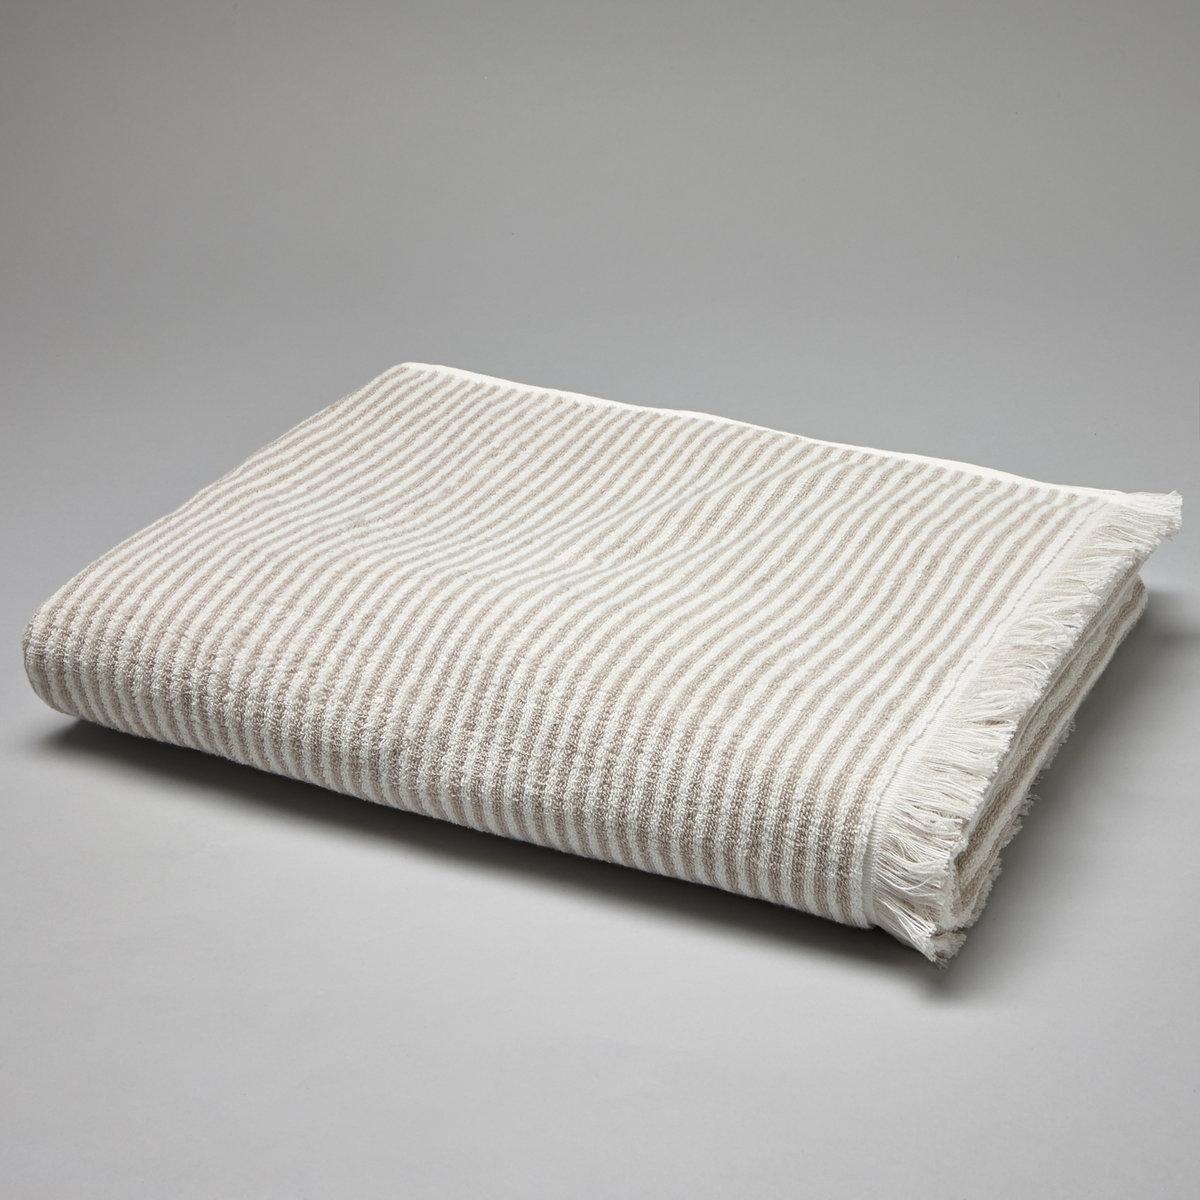 Полотенце большое в полоску, 500 г/м?